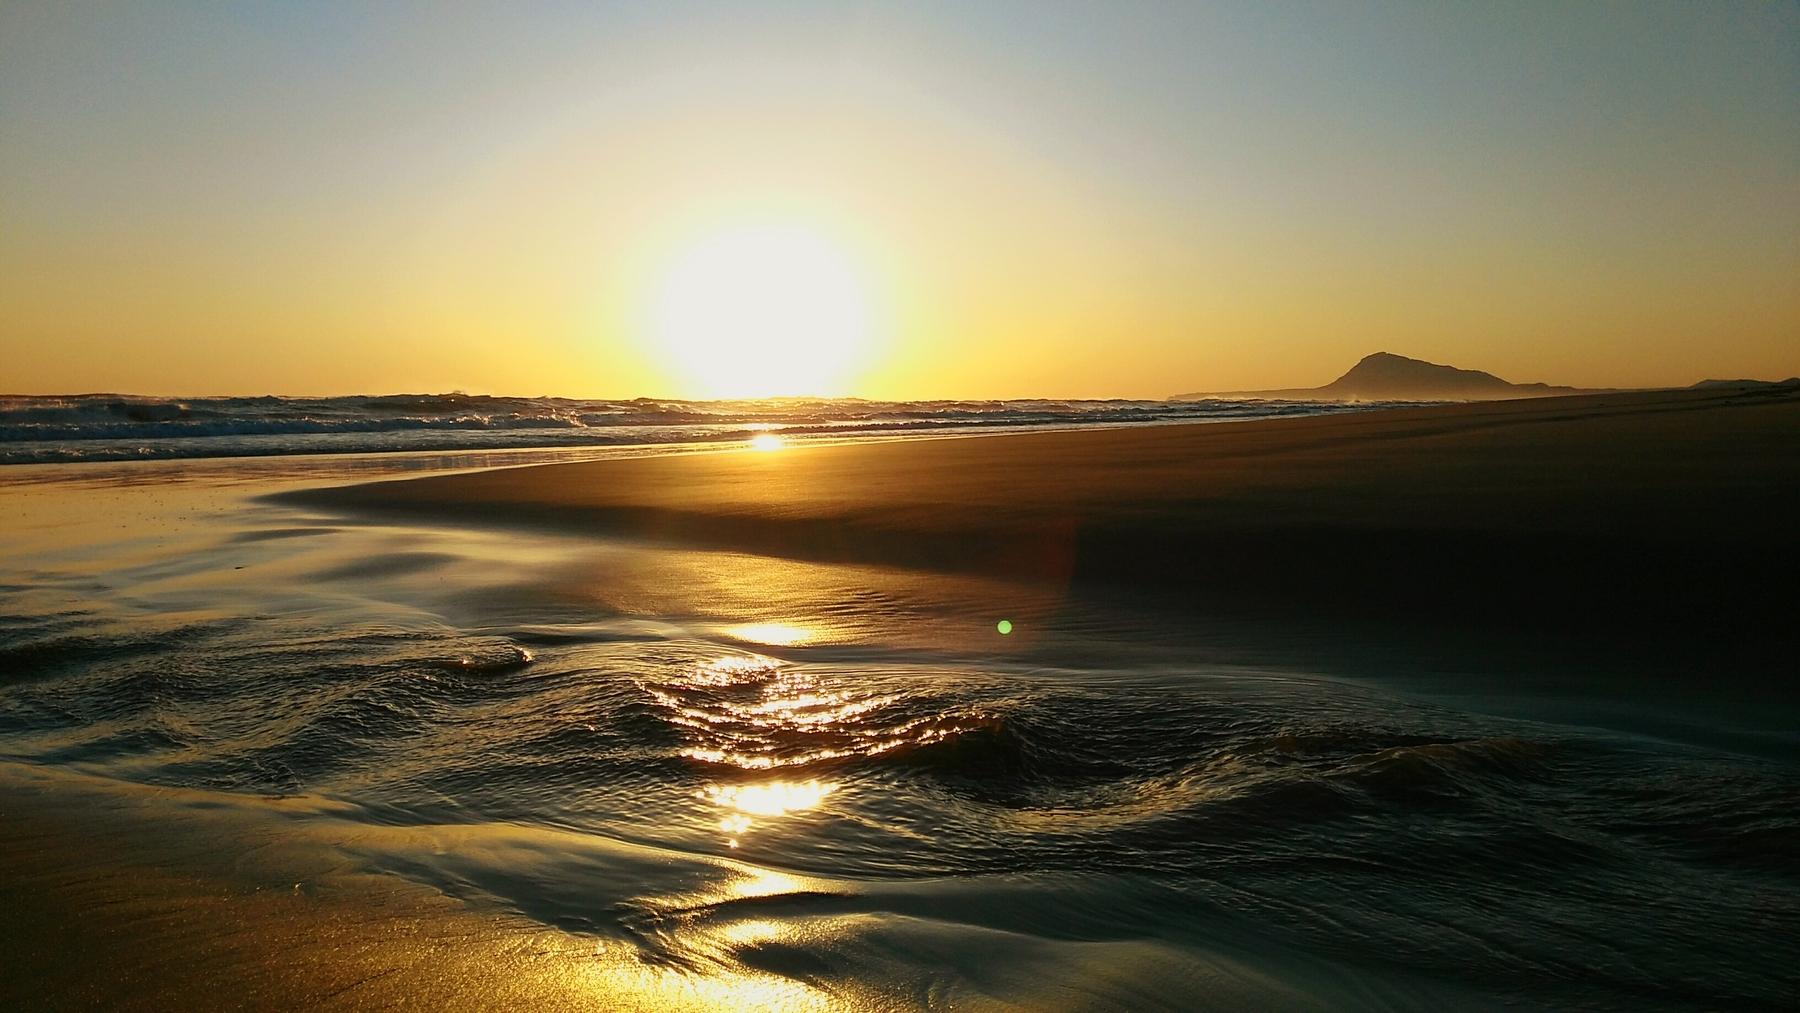 La playa de La Oliva es semiurbana y no tiene paseo marítimo.